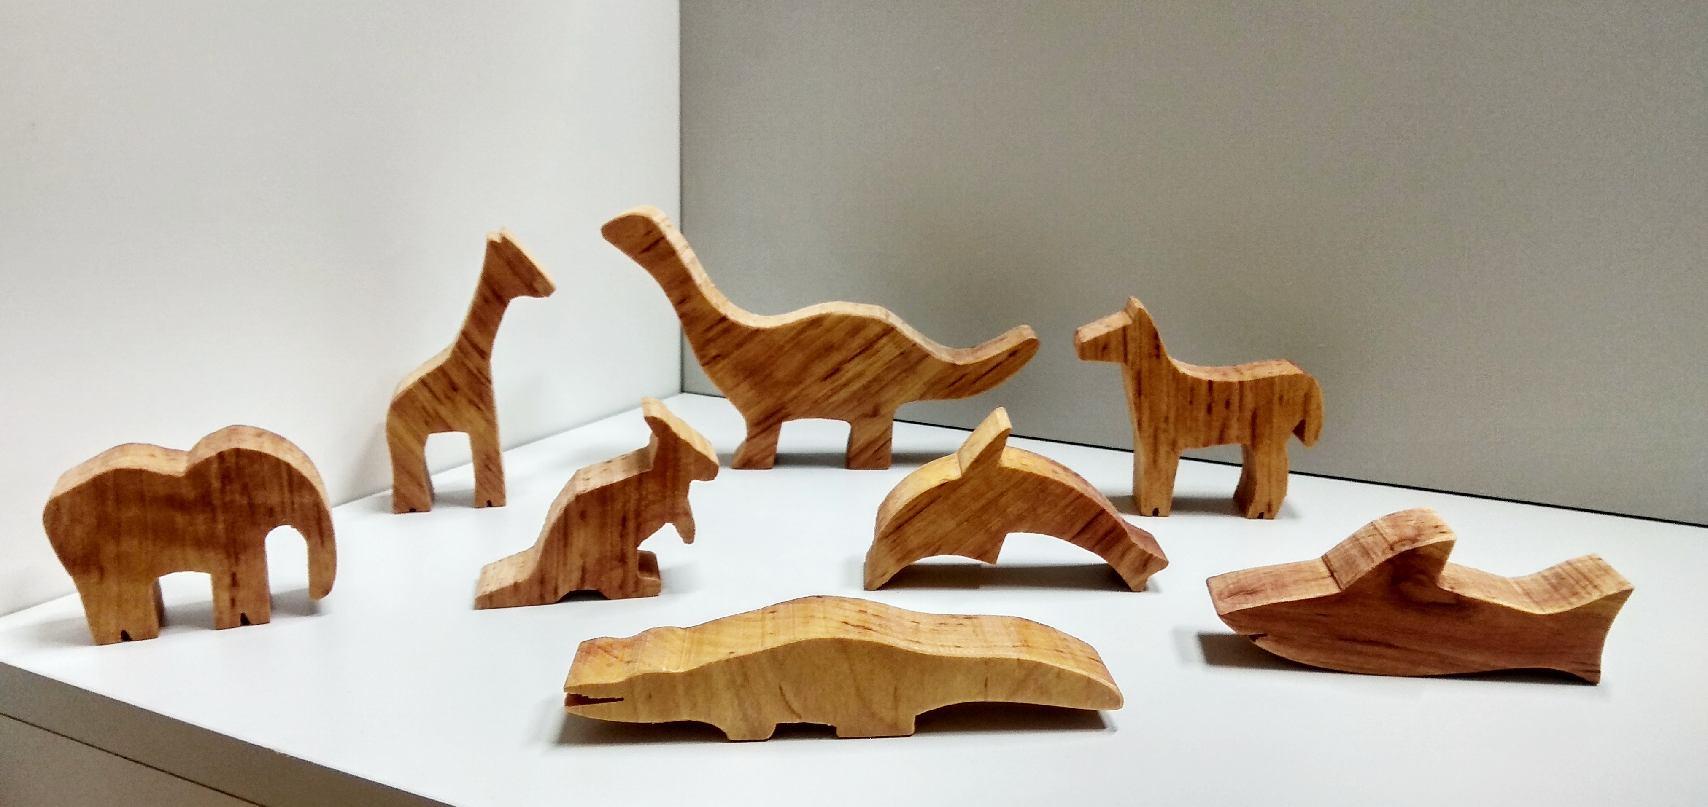 Zwierzątka - zestaw drewnianych zabawek, 2020